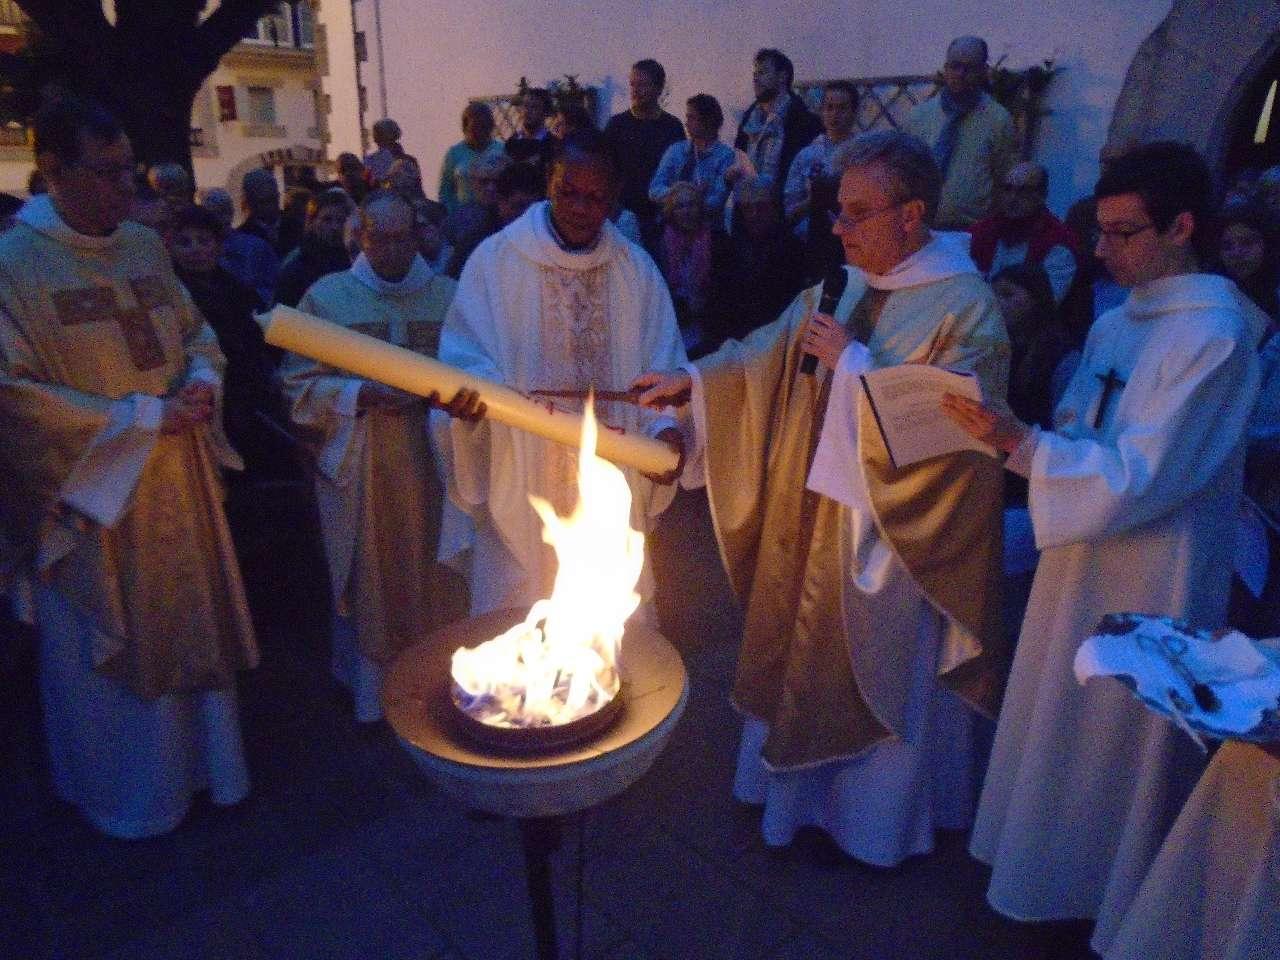 """Le célébrant marque le cierge d'une Croix, verticalement, """"Le Christ hier et aujourd'hui ; horizontalement, """"commencement et fin de toutes choses"""" ; """"Alpha et Oméga"""", haut et bas..."""